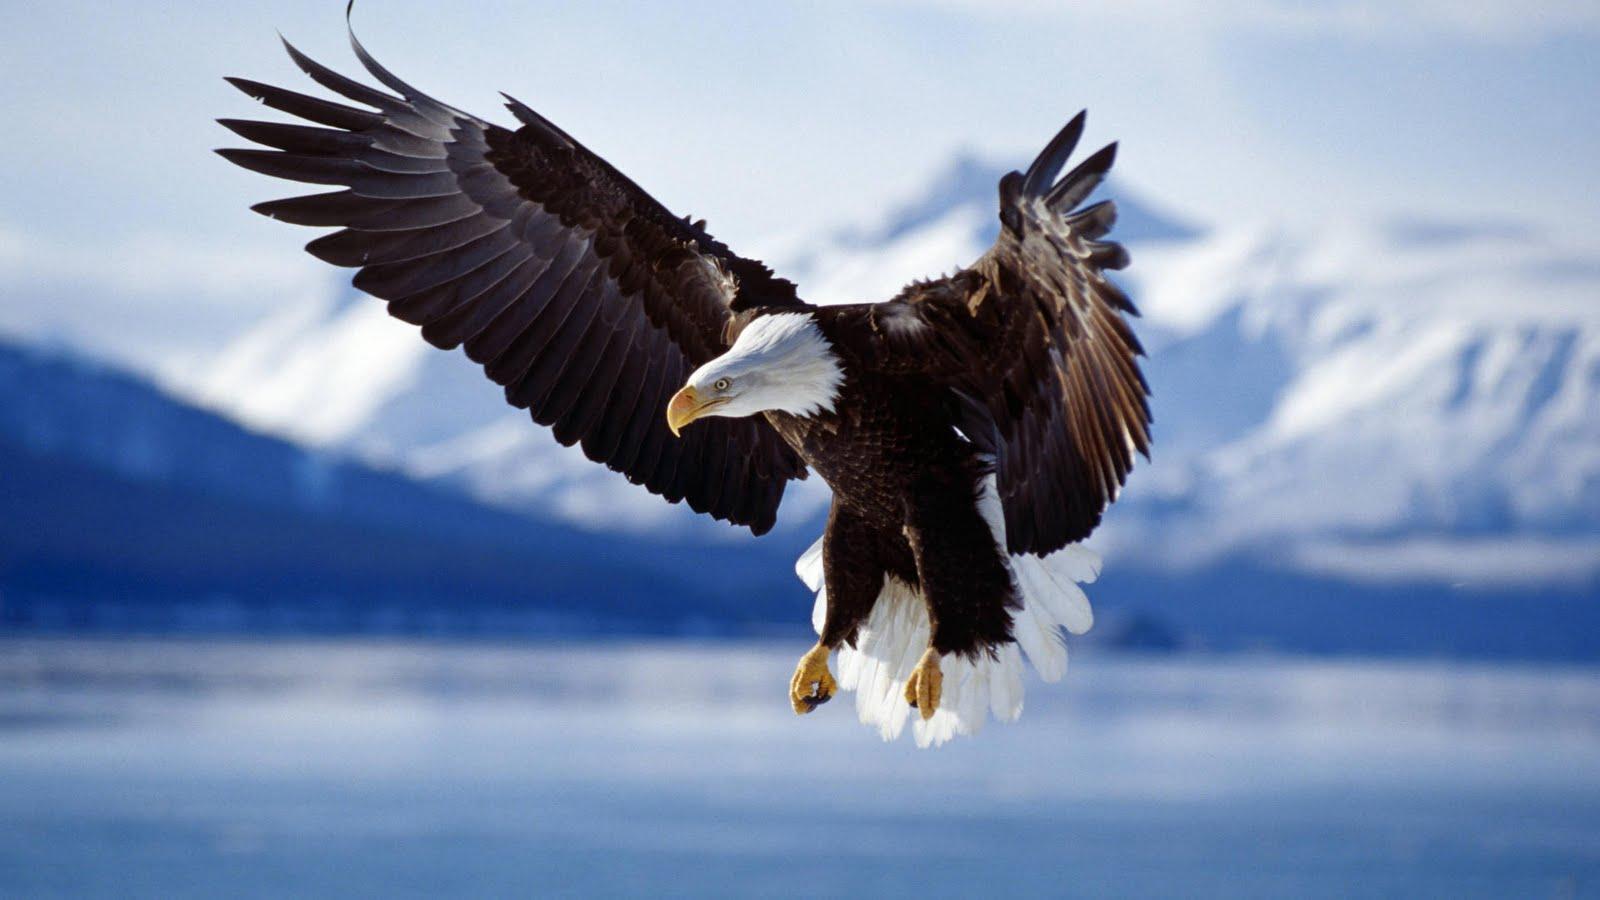 http://1.bp.blogspot.com/-jBeUhzPHgb4/TcvoazgnWuI/AAAAAAAABgU/yLnx1Iy-Ftw/s1600/eagle_kartal_2.jpg